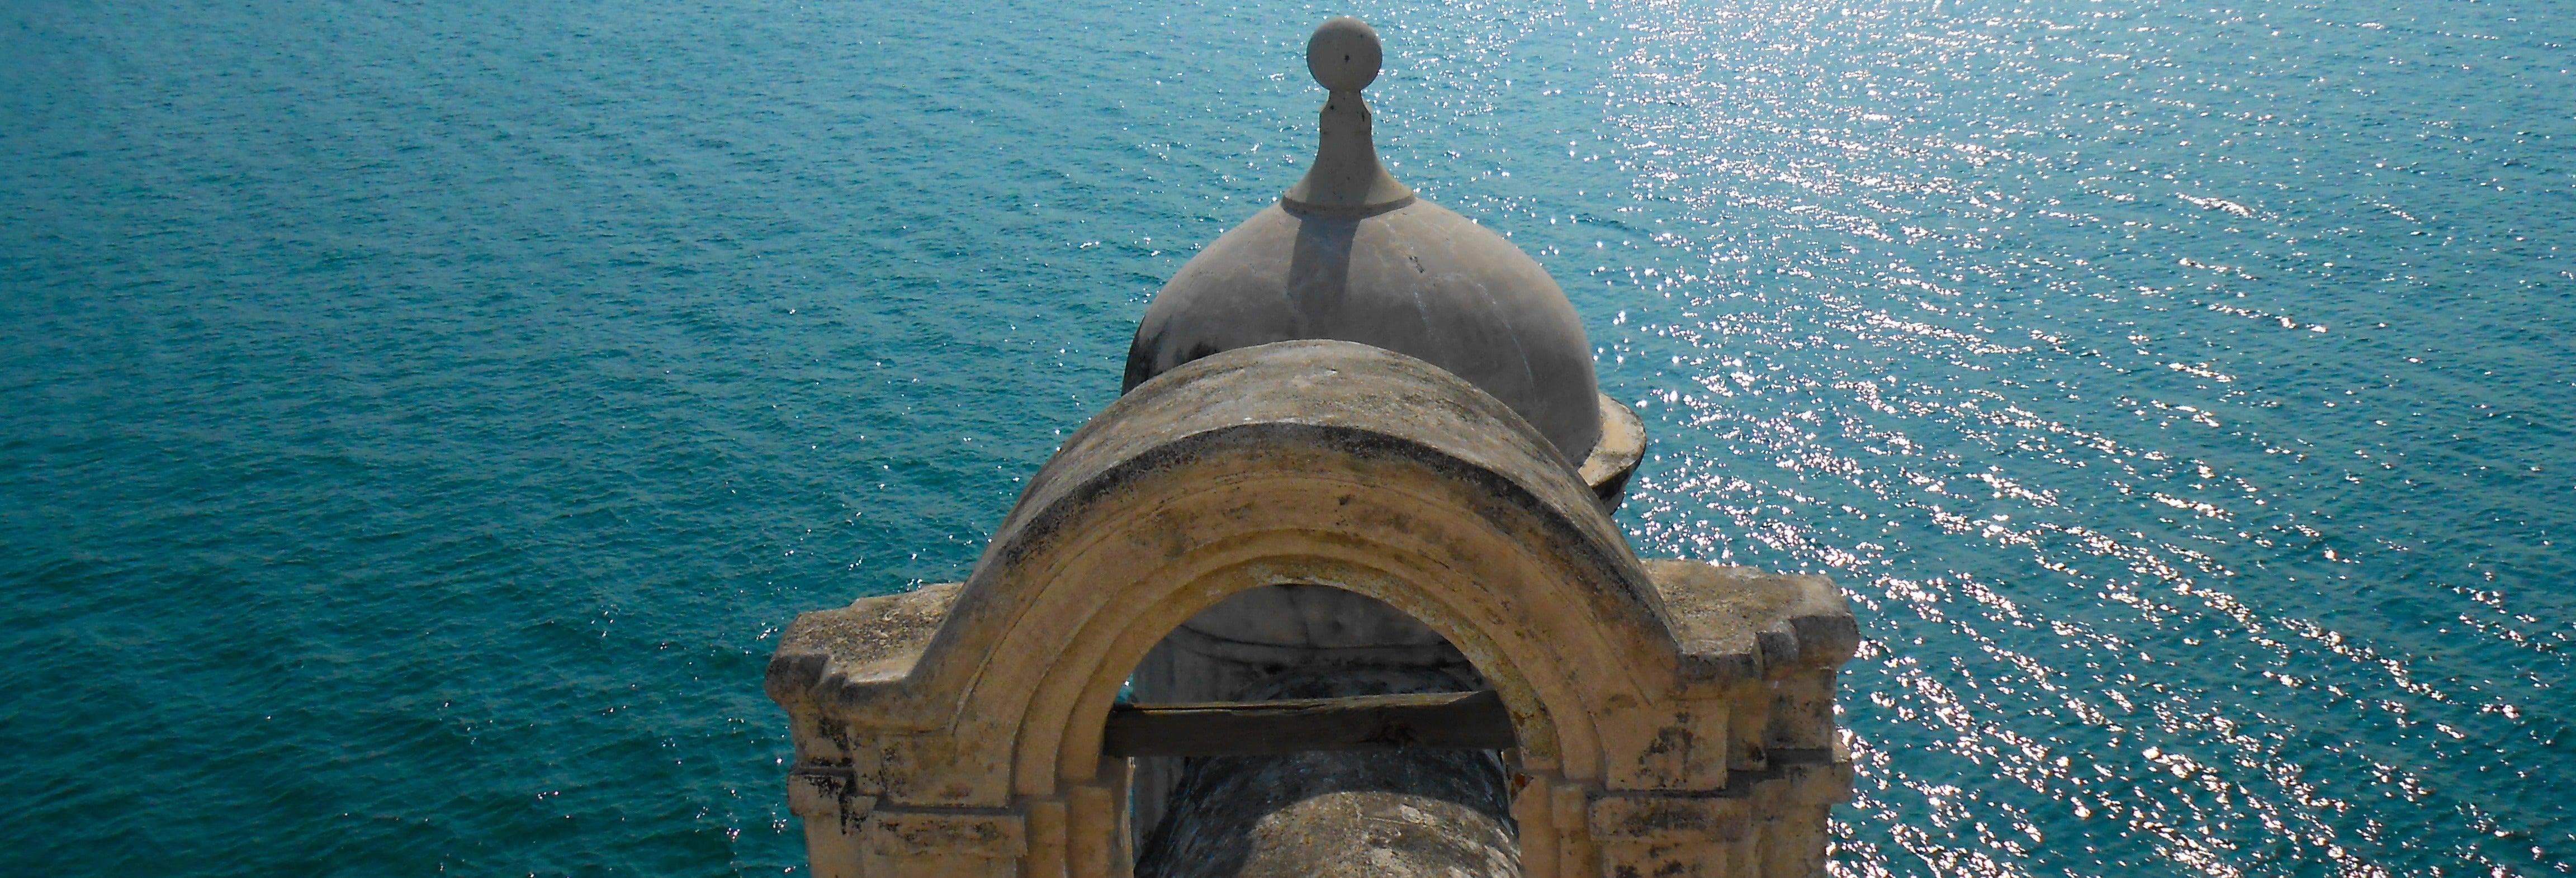 Excursión a La Antigua y San Juan de Ulúa